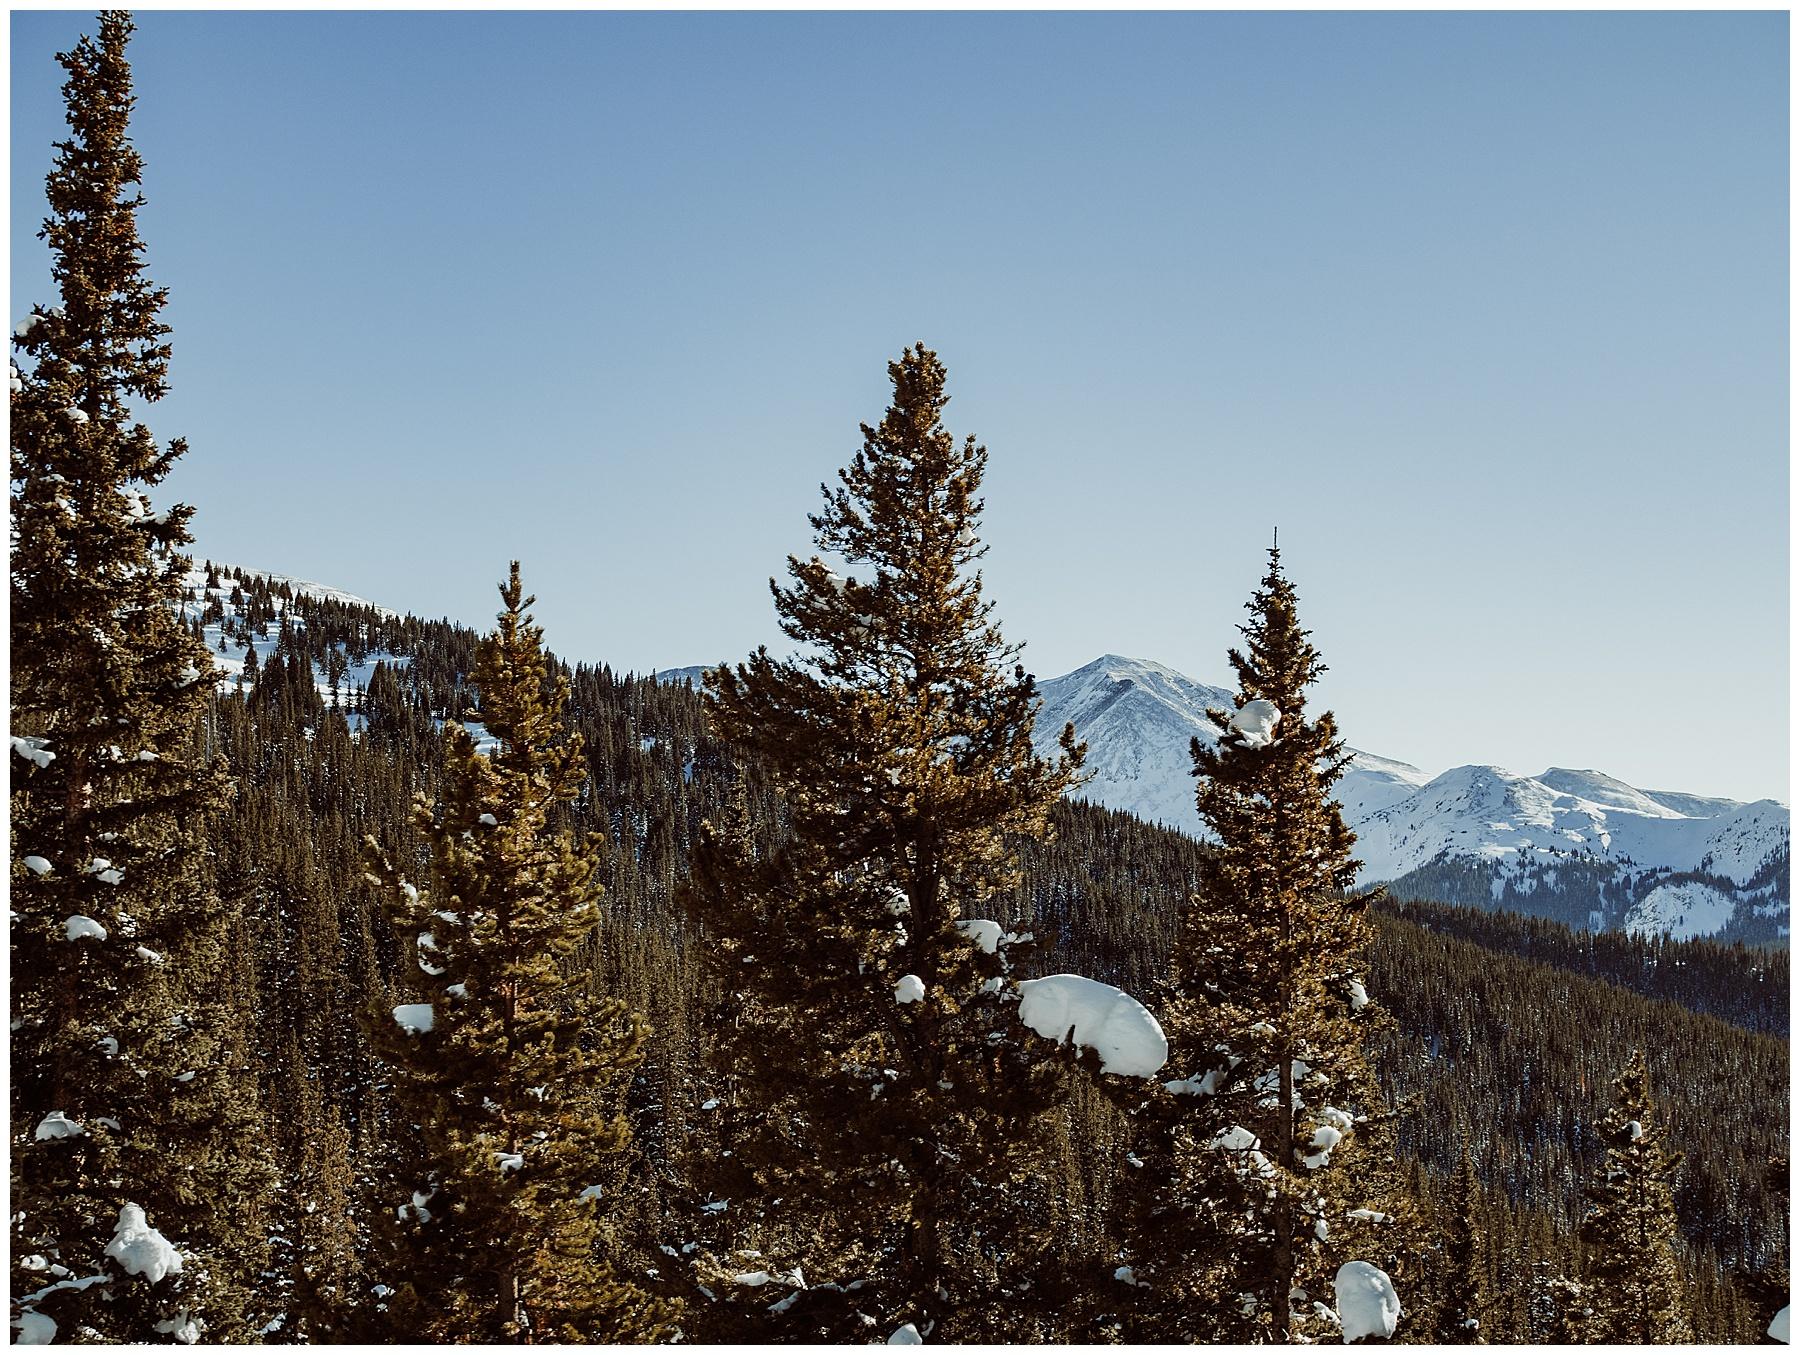 Mountain adventure photos in colorado